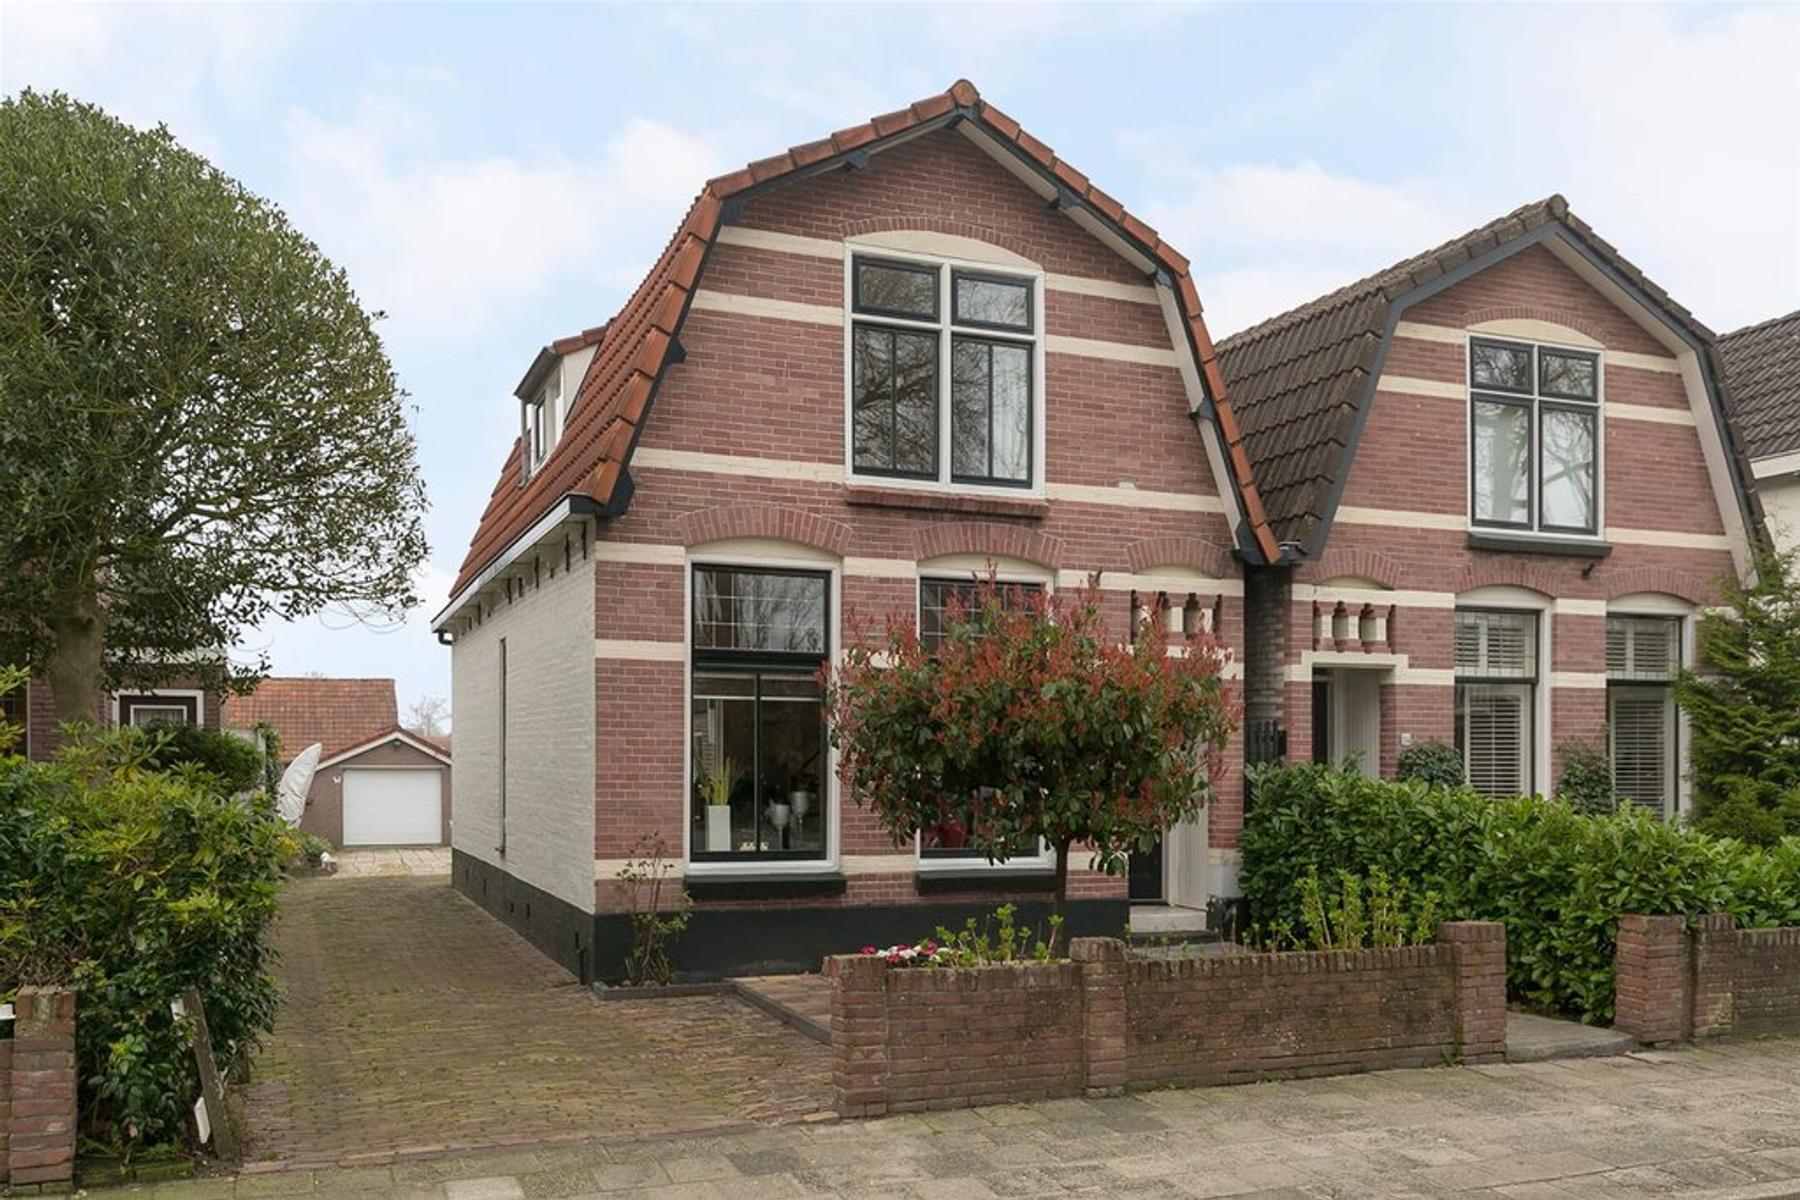 Heerenveen Burgemeester Falkenaweg 116